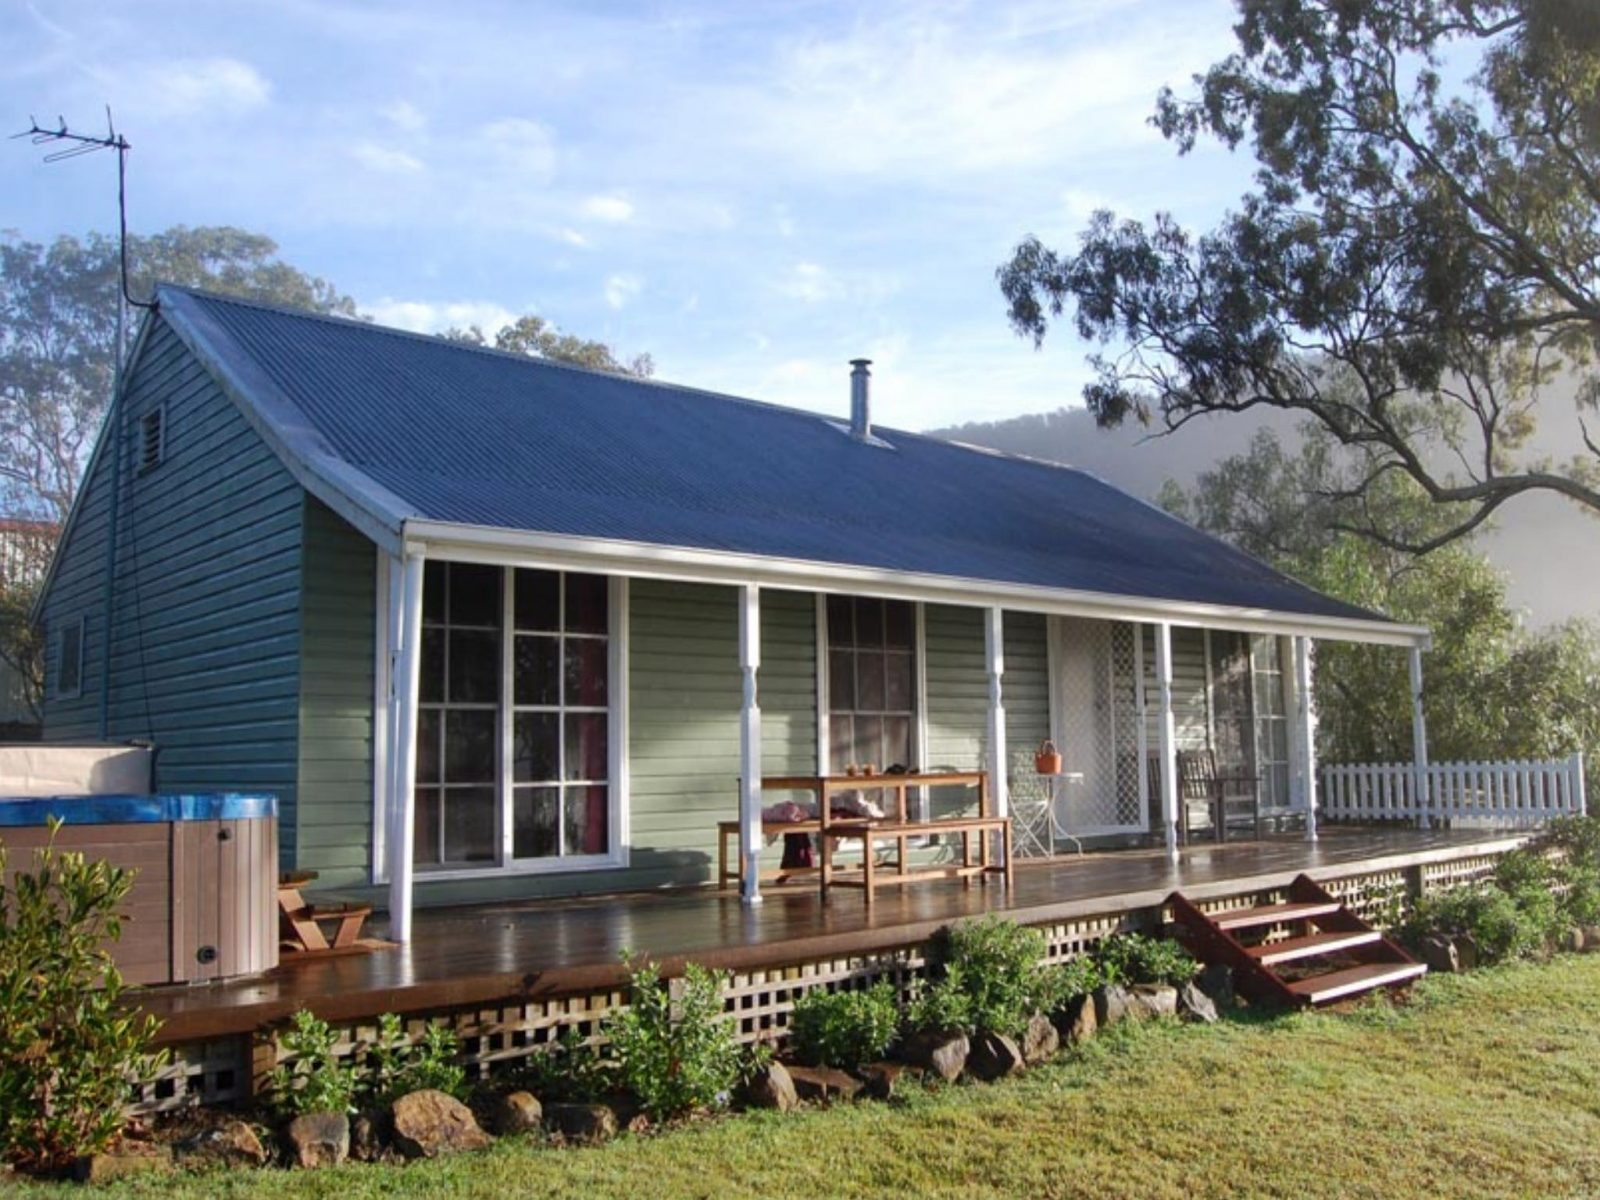 Cadair Cottage